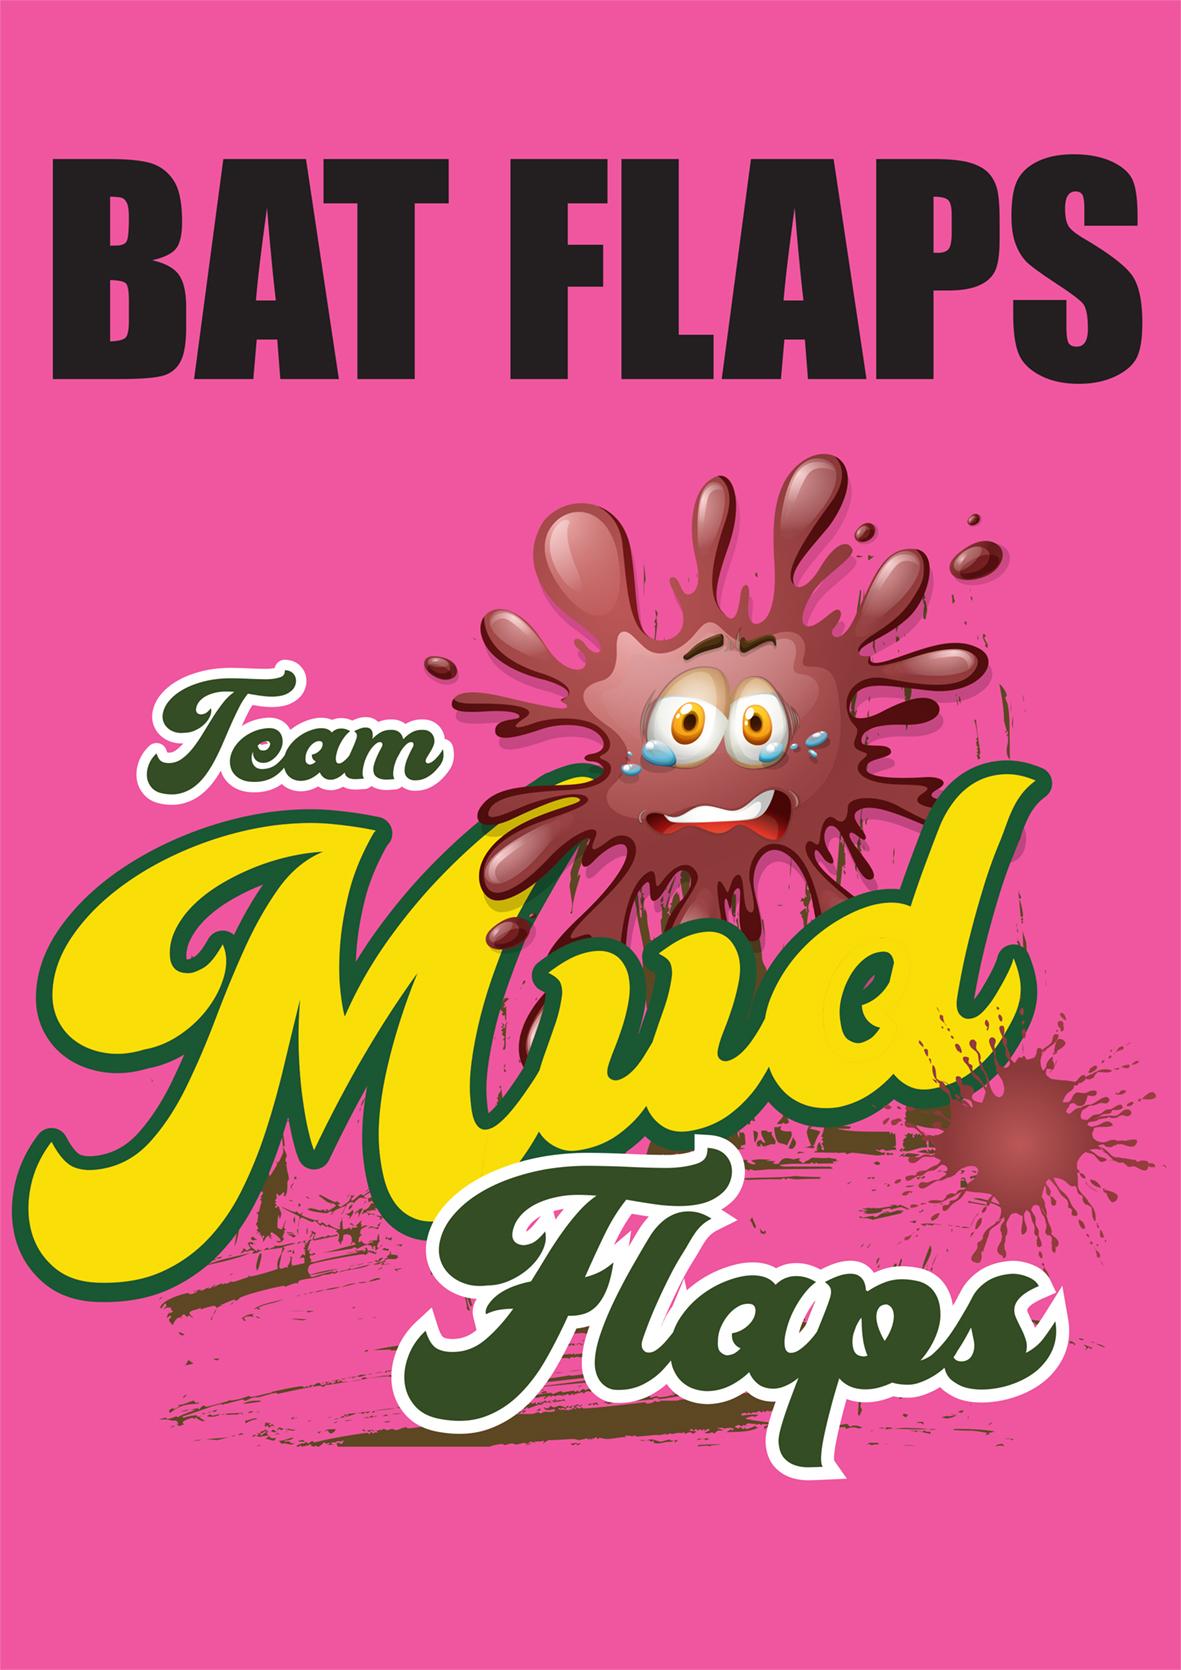 BAT FLAPS